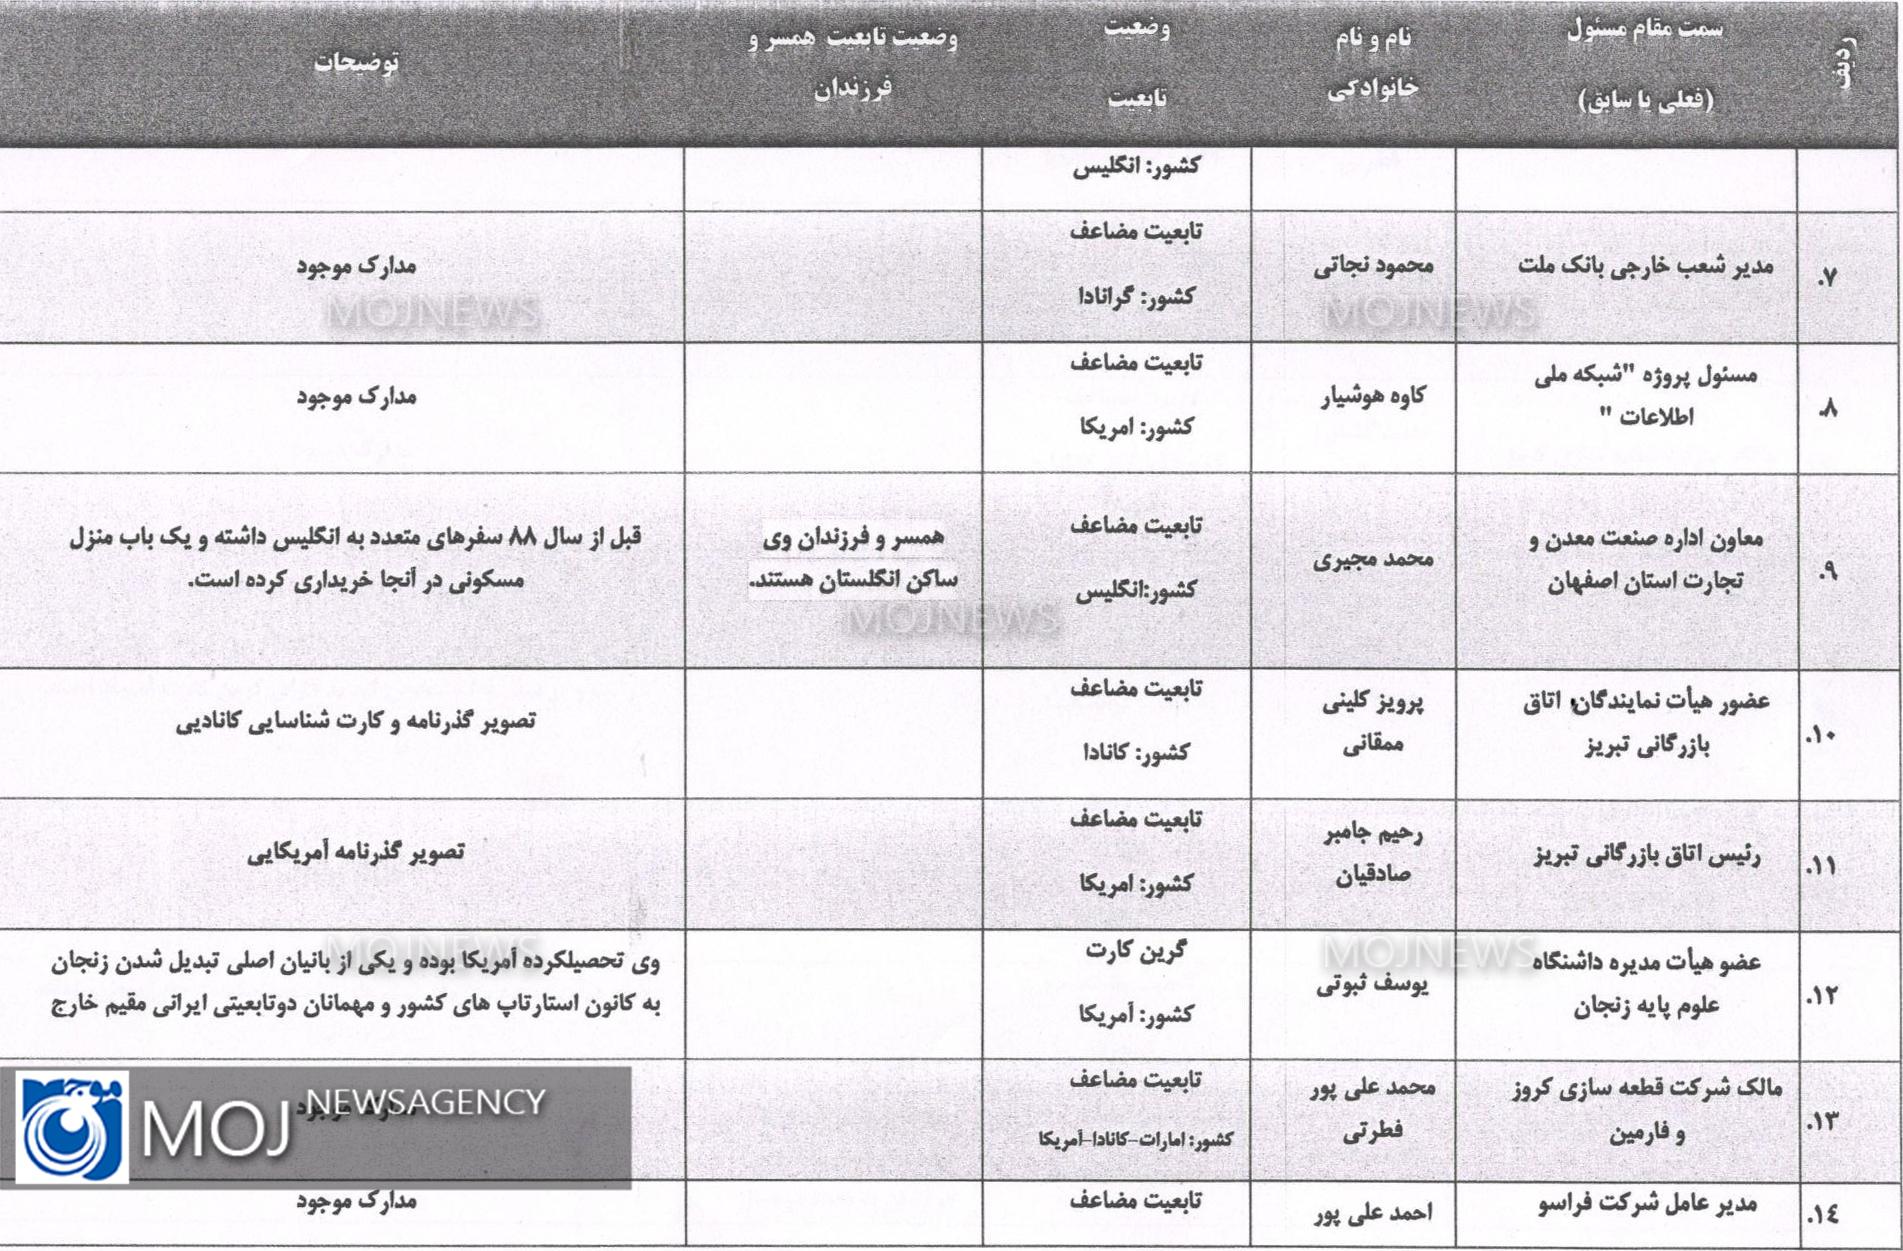 لیست افراد دو تابعیتی بر اساس ظن قوی 2